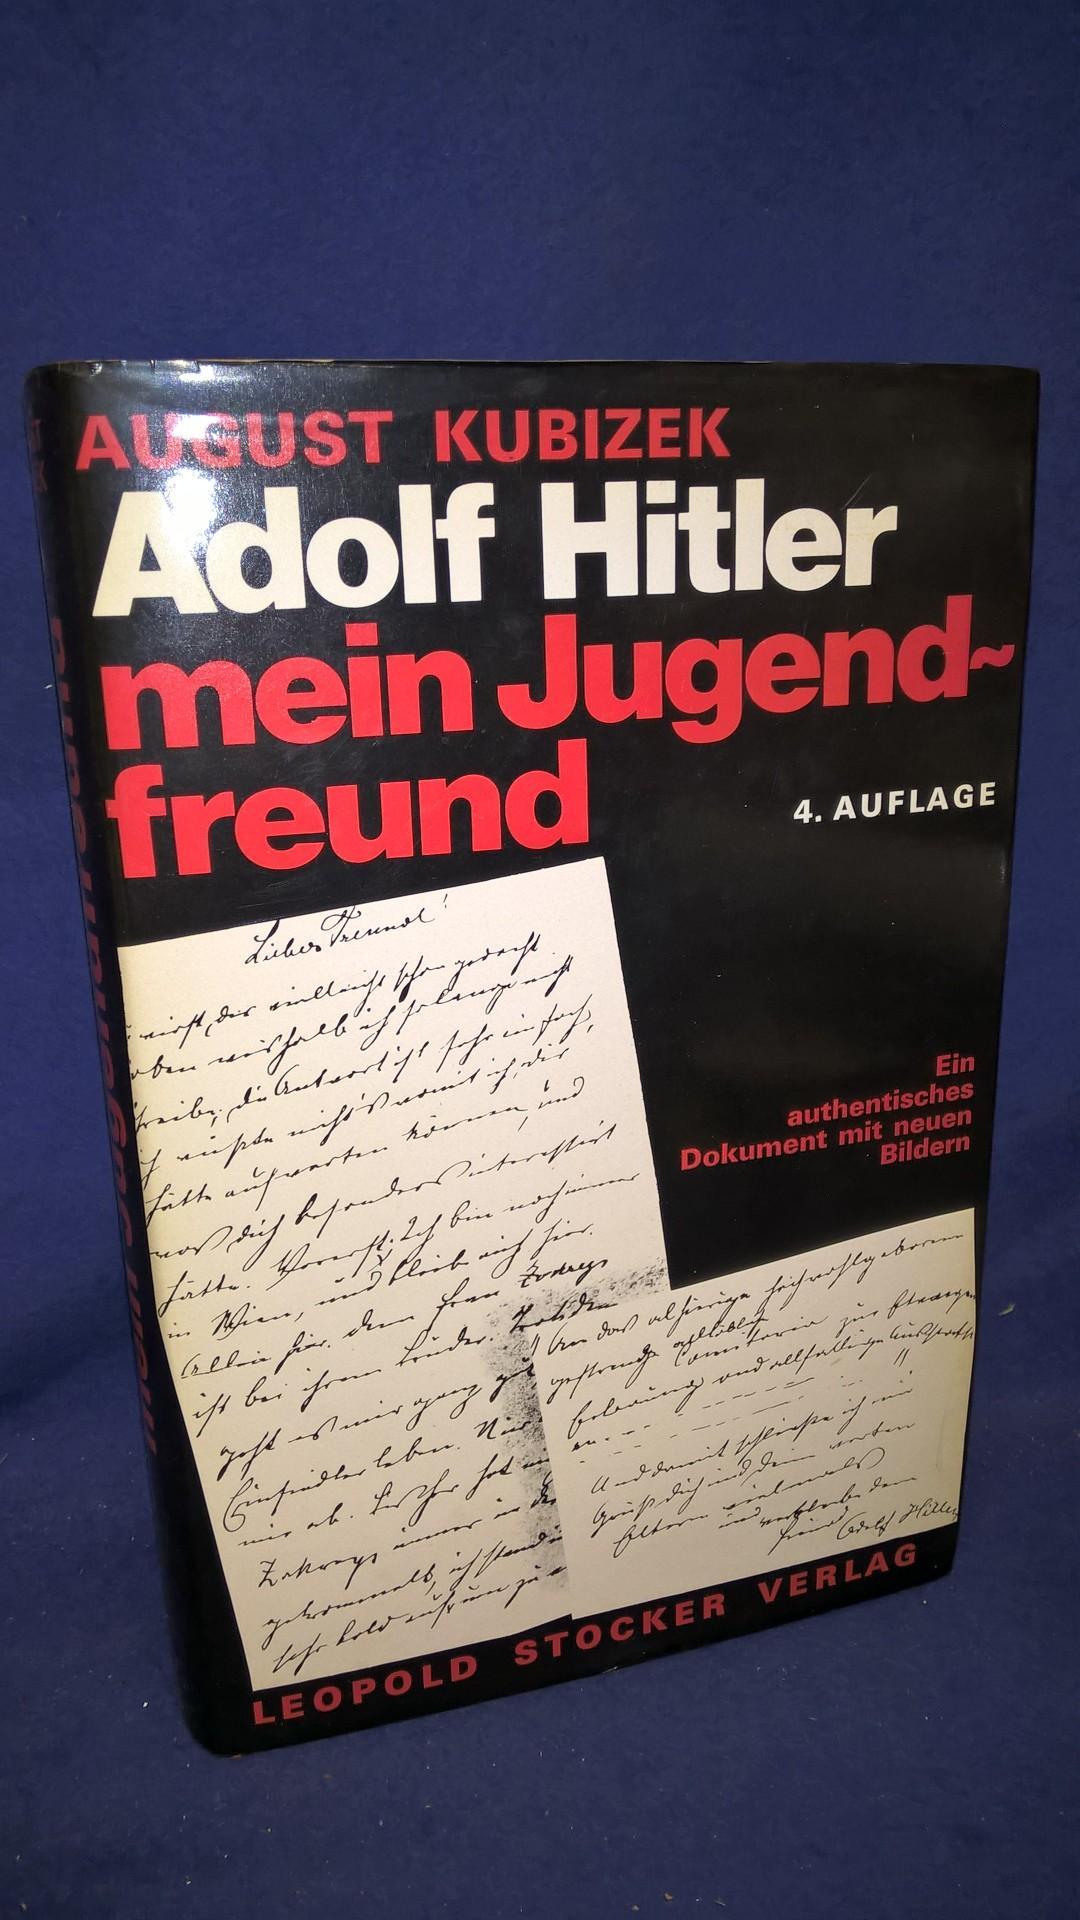 Adolf Hitler, mein Jugendfreund. Ein authentisches Dokument mit neuen Bildern.